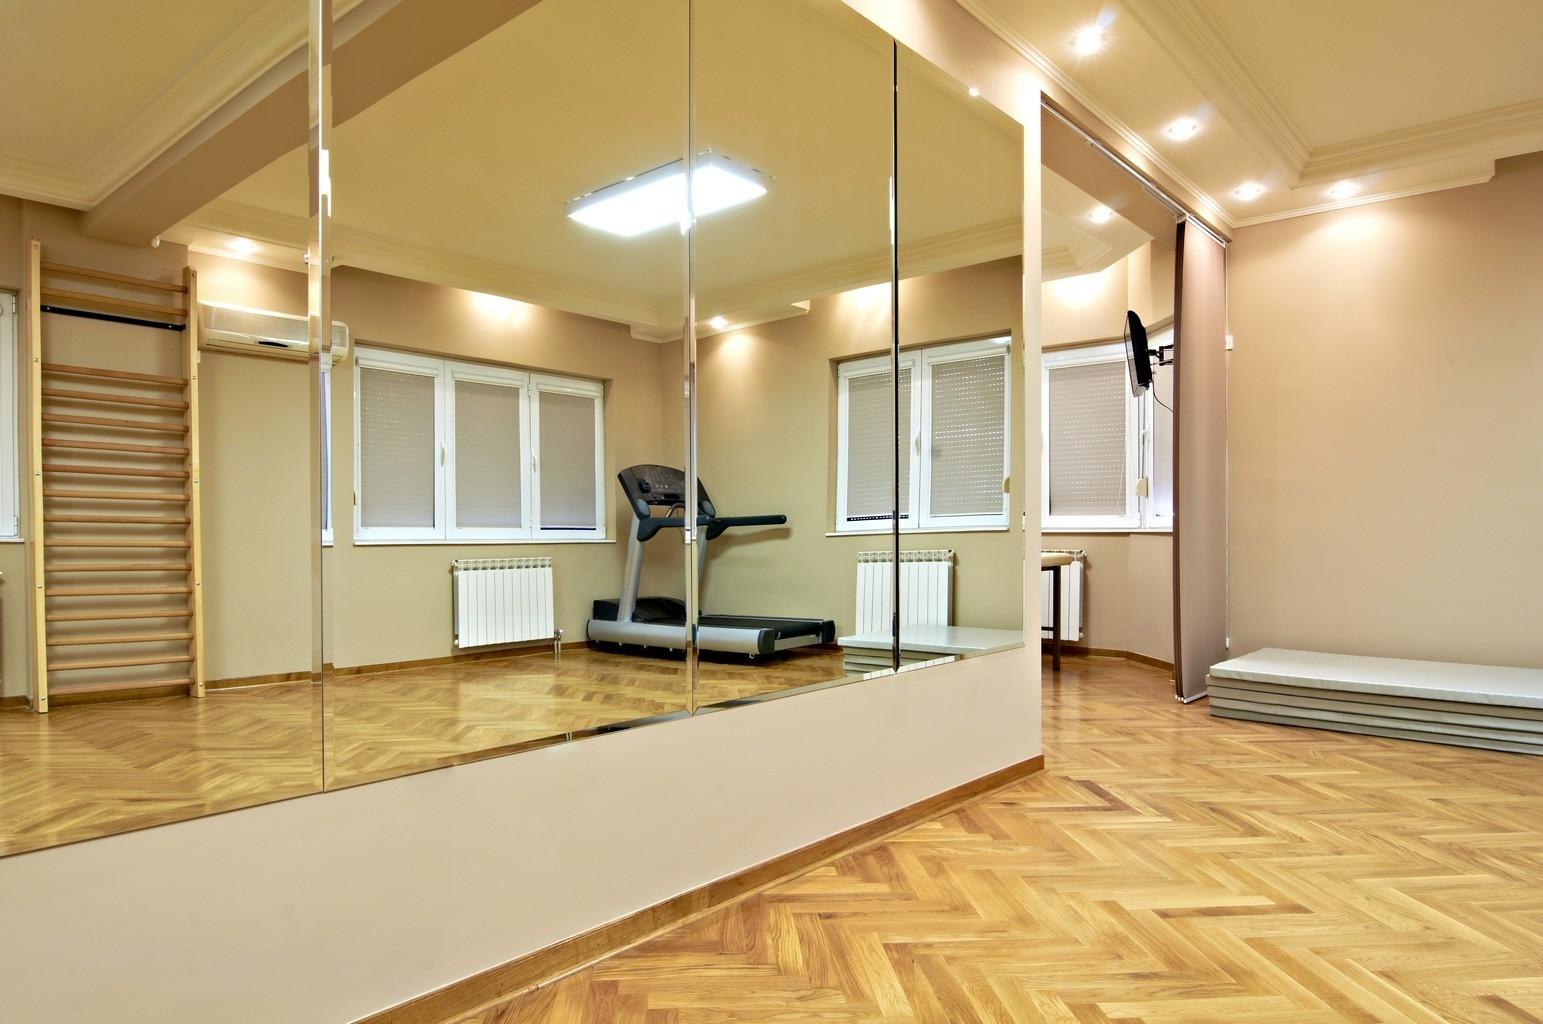 Зеркала для спортзала фото